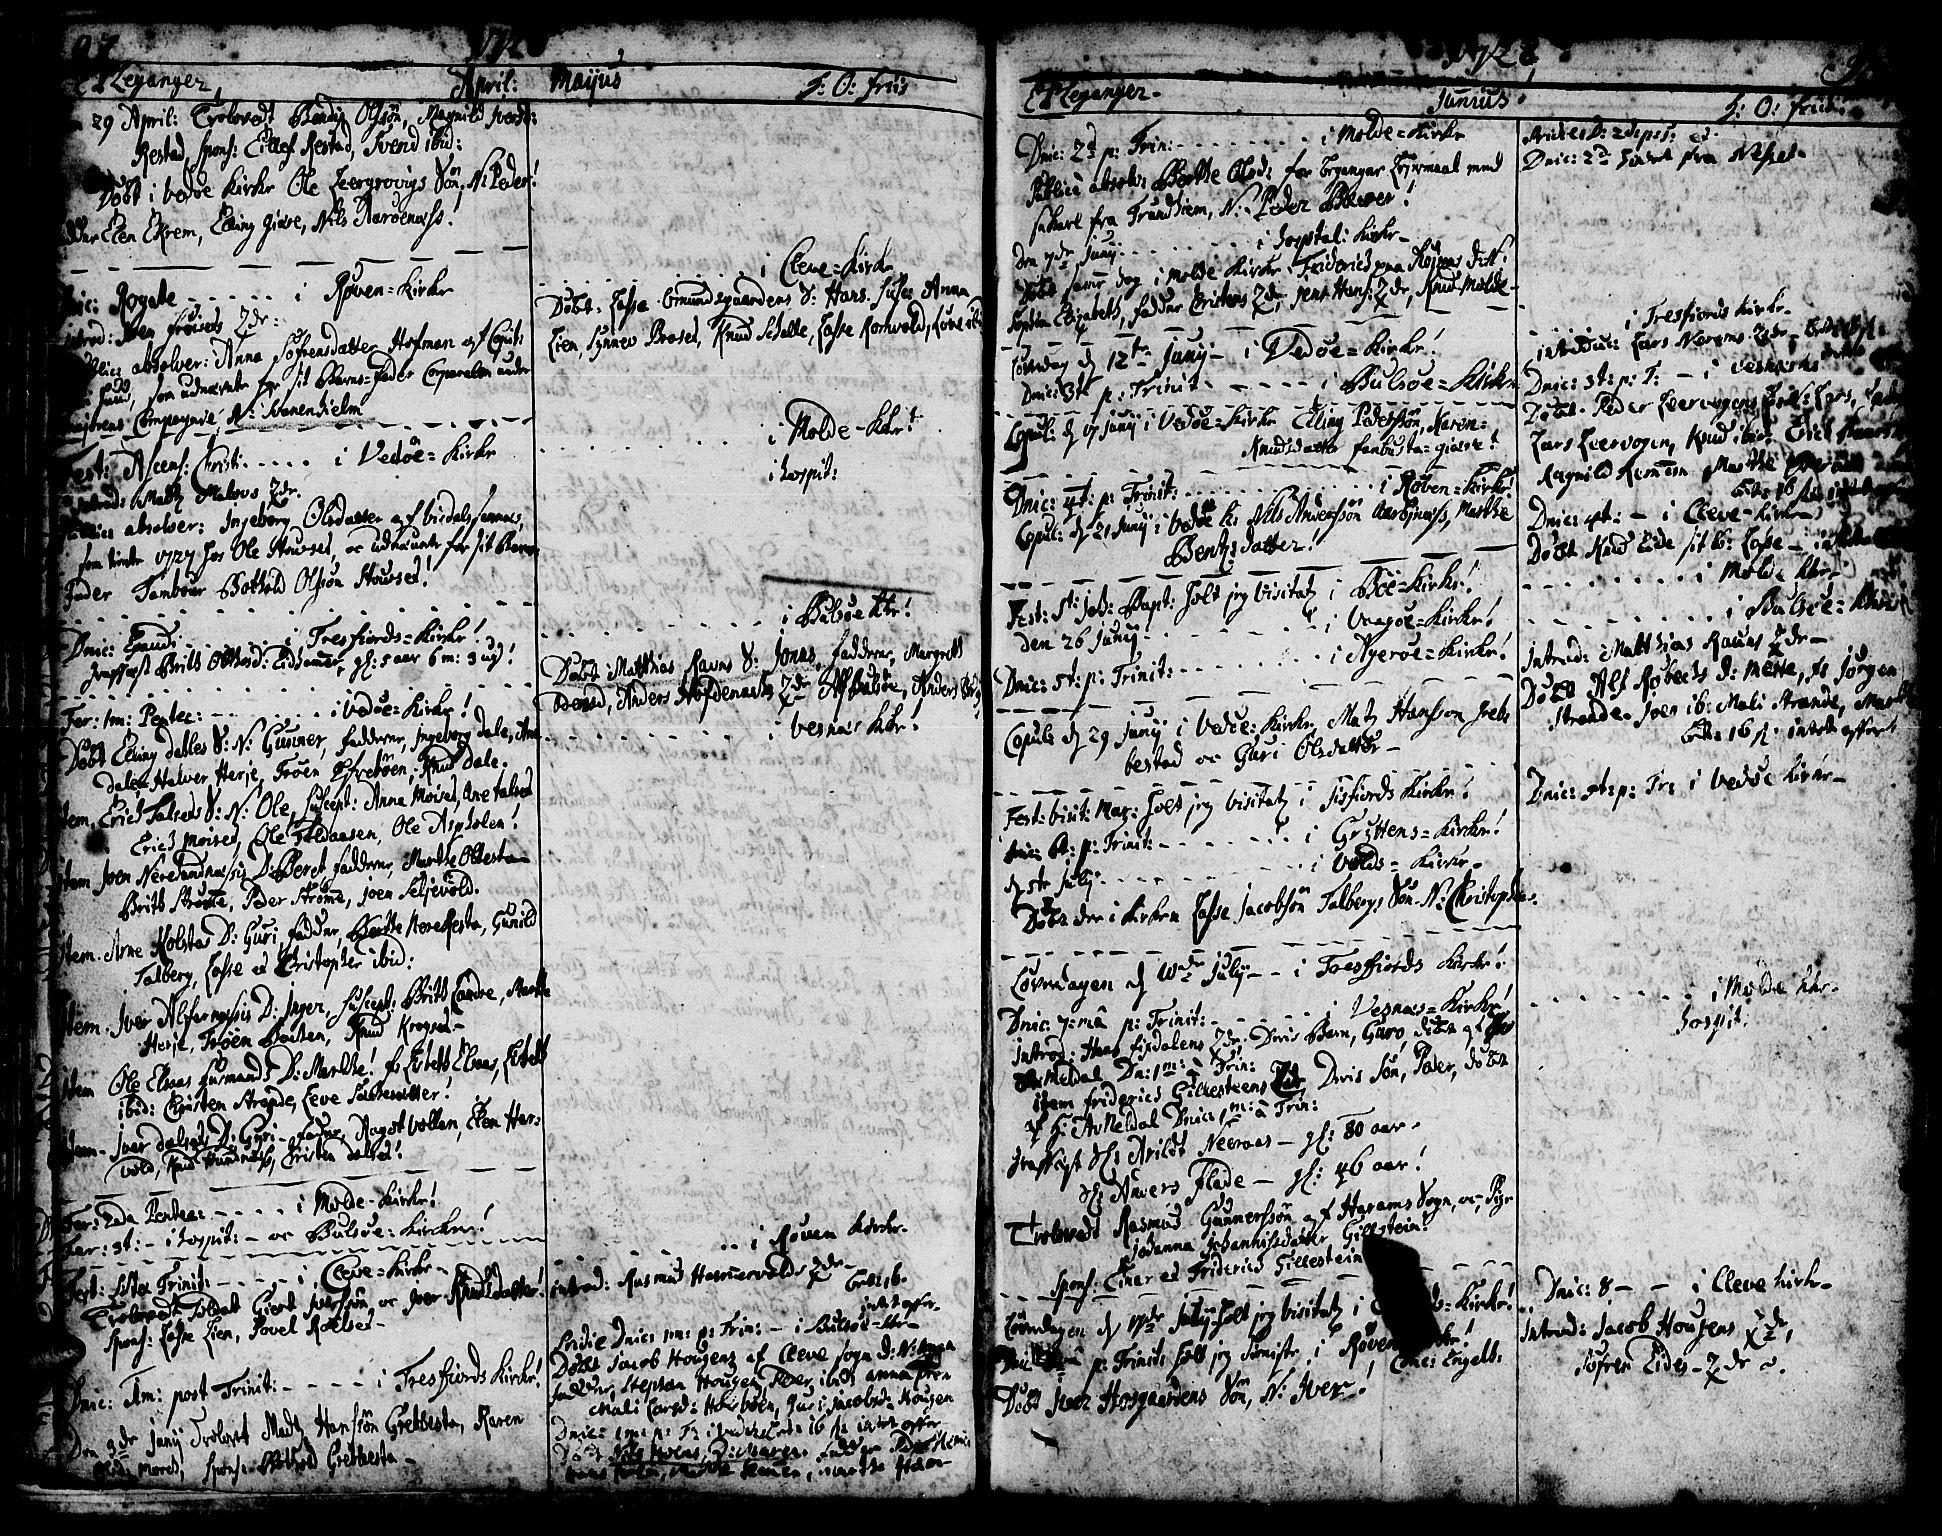 SAT, Ministerialprotokoller, klokkerbøker og fødselsregistre - Møre og Romsdal, 547/L0599: Ministerialbok nr. 547A01, 1721-1764, s. 94-95